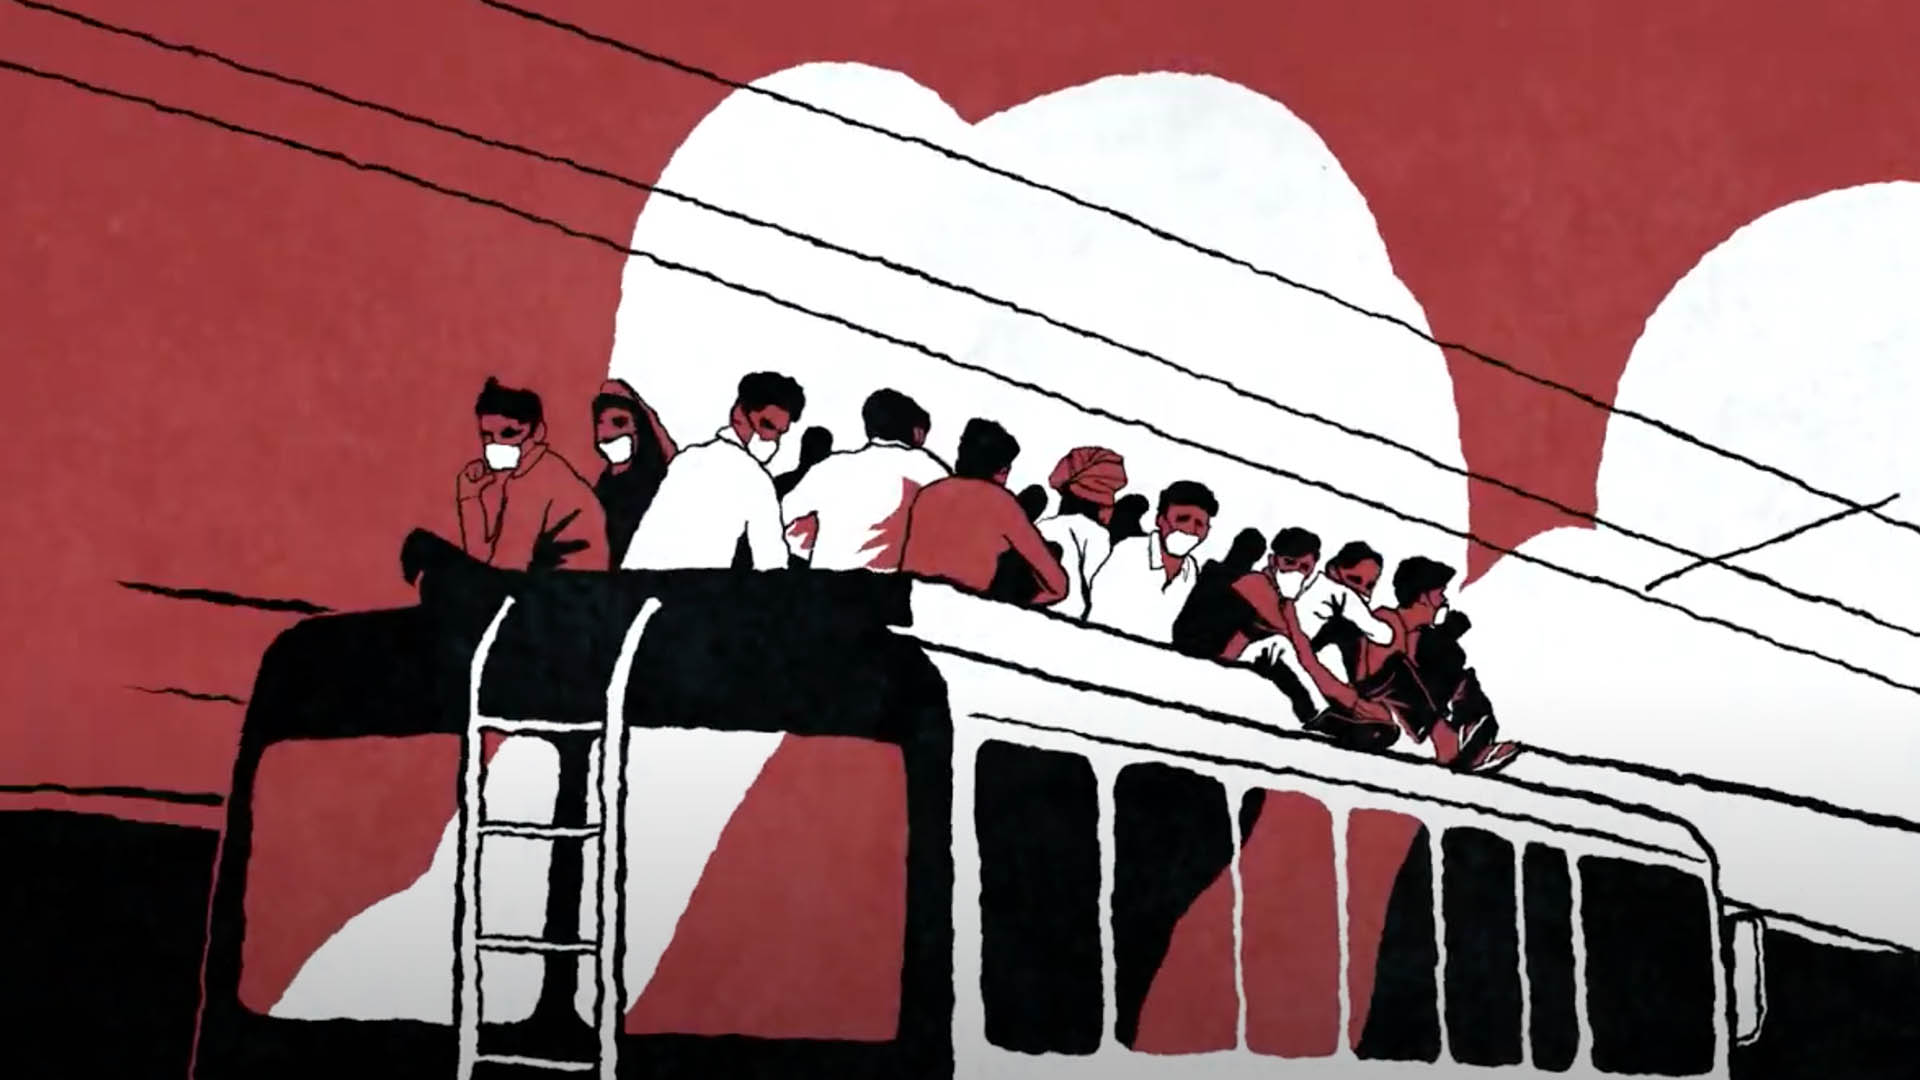 migrants on bus